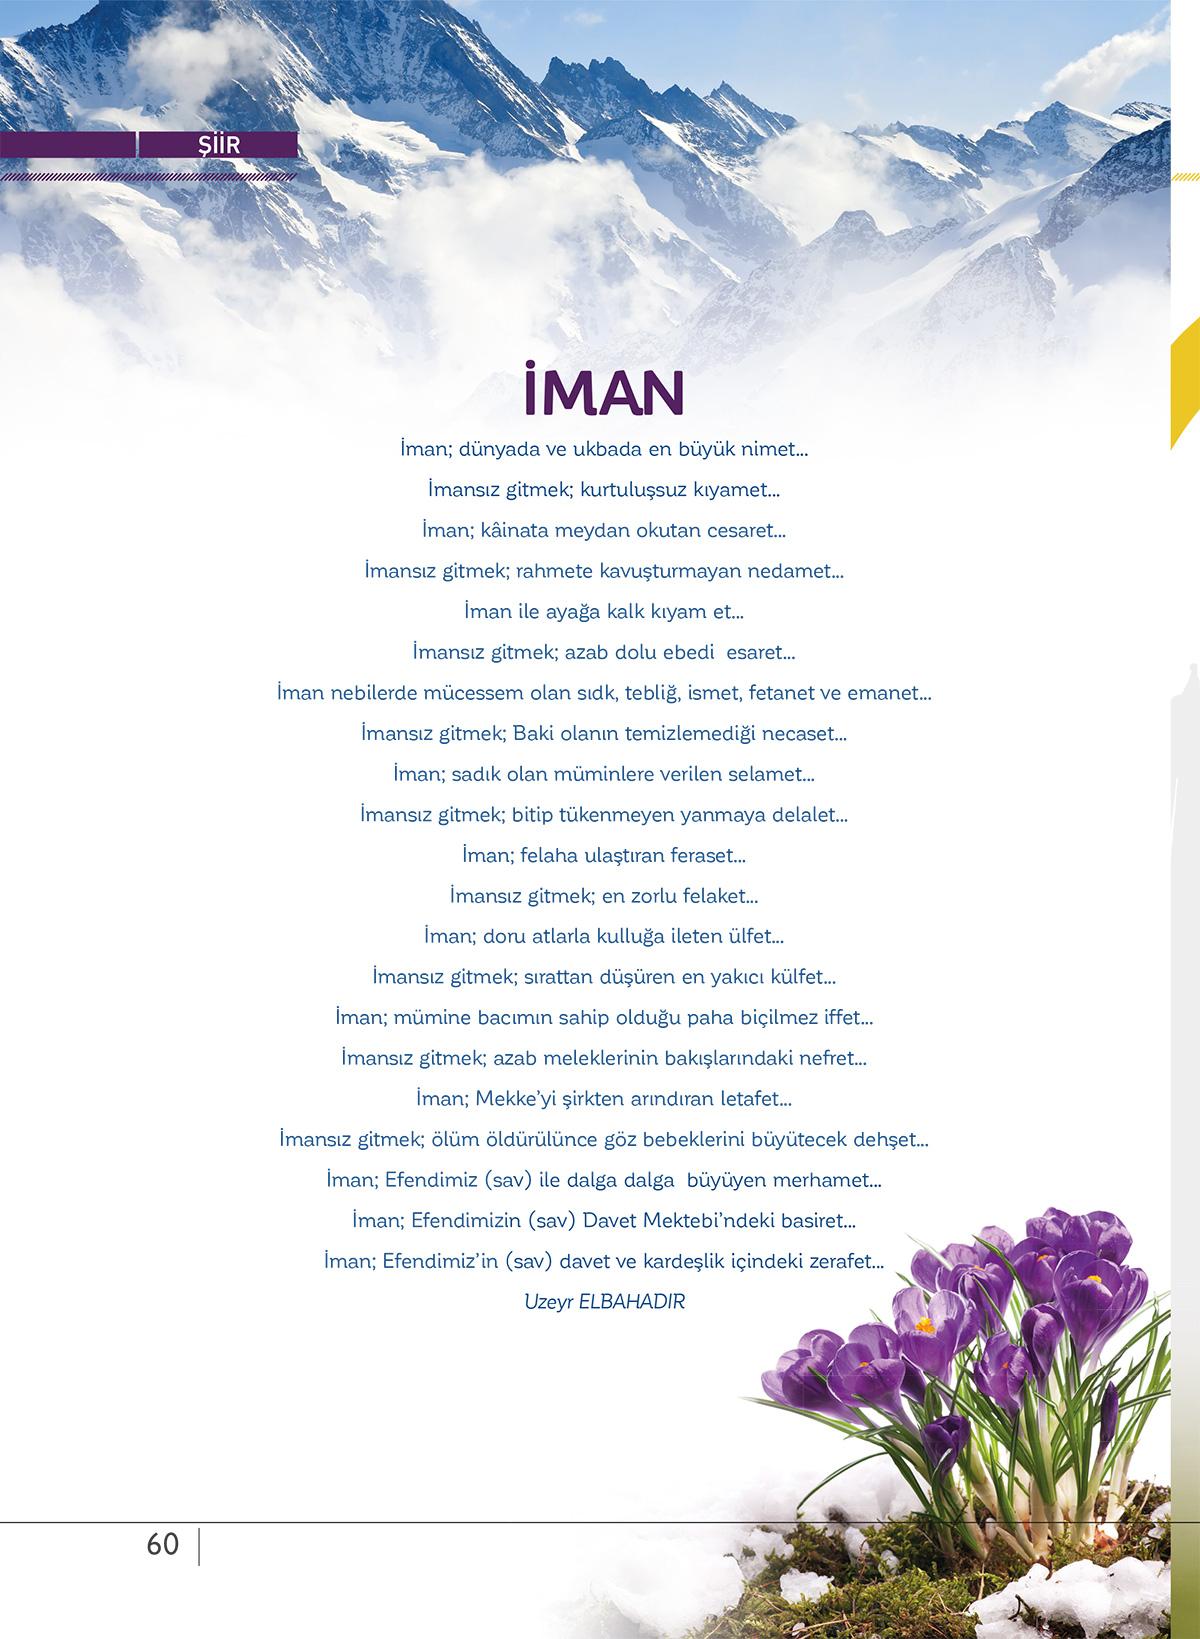 şiir-iman